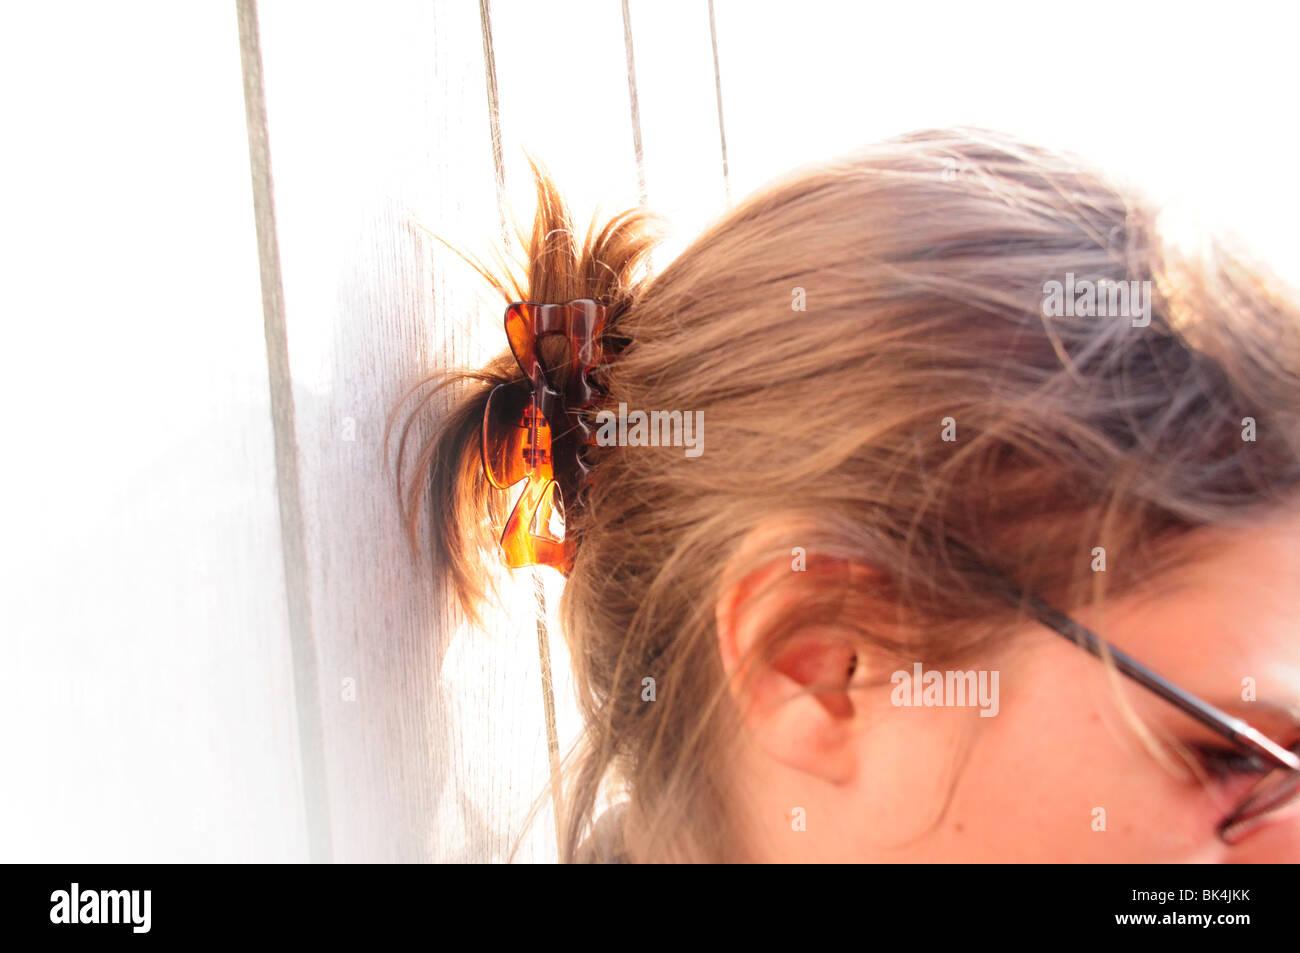 Profilo della testa di donna e capelli in clip Immagini Stock